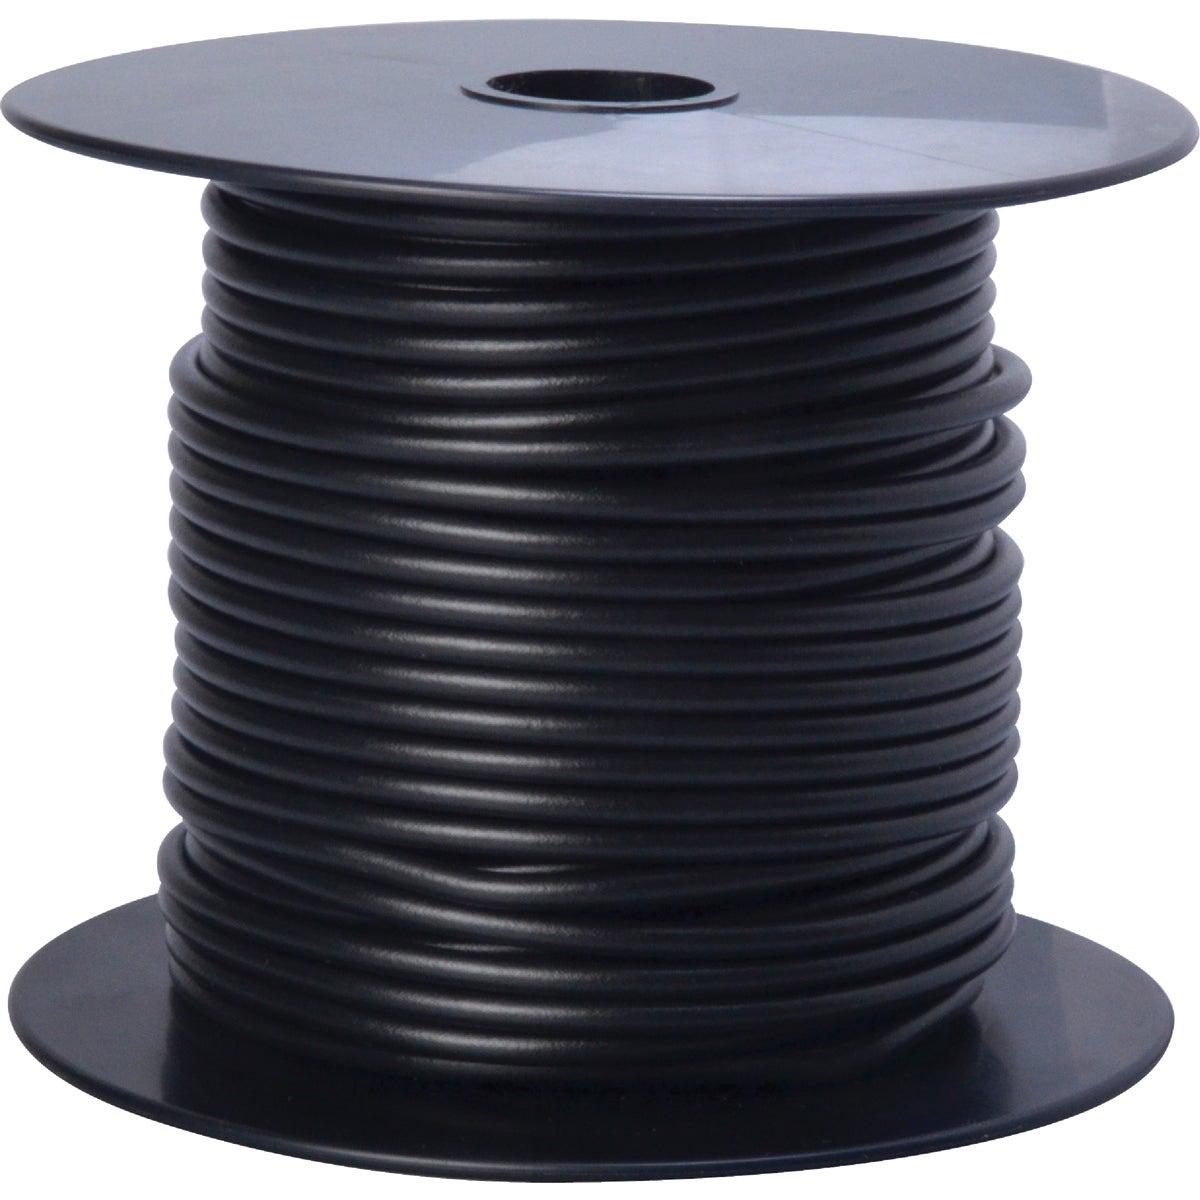 100' 14Ga Blk Auto Wire